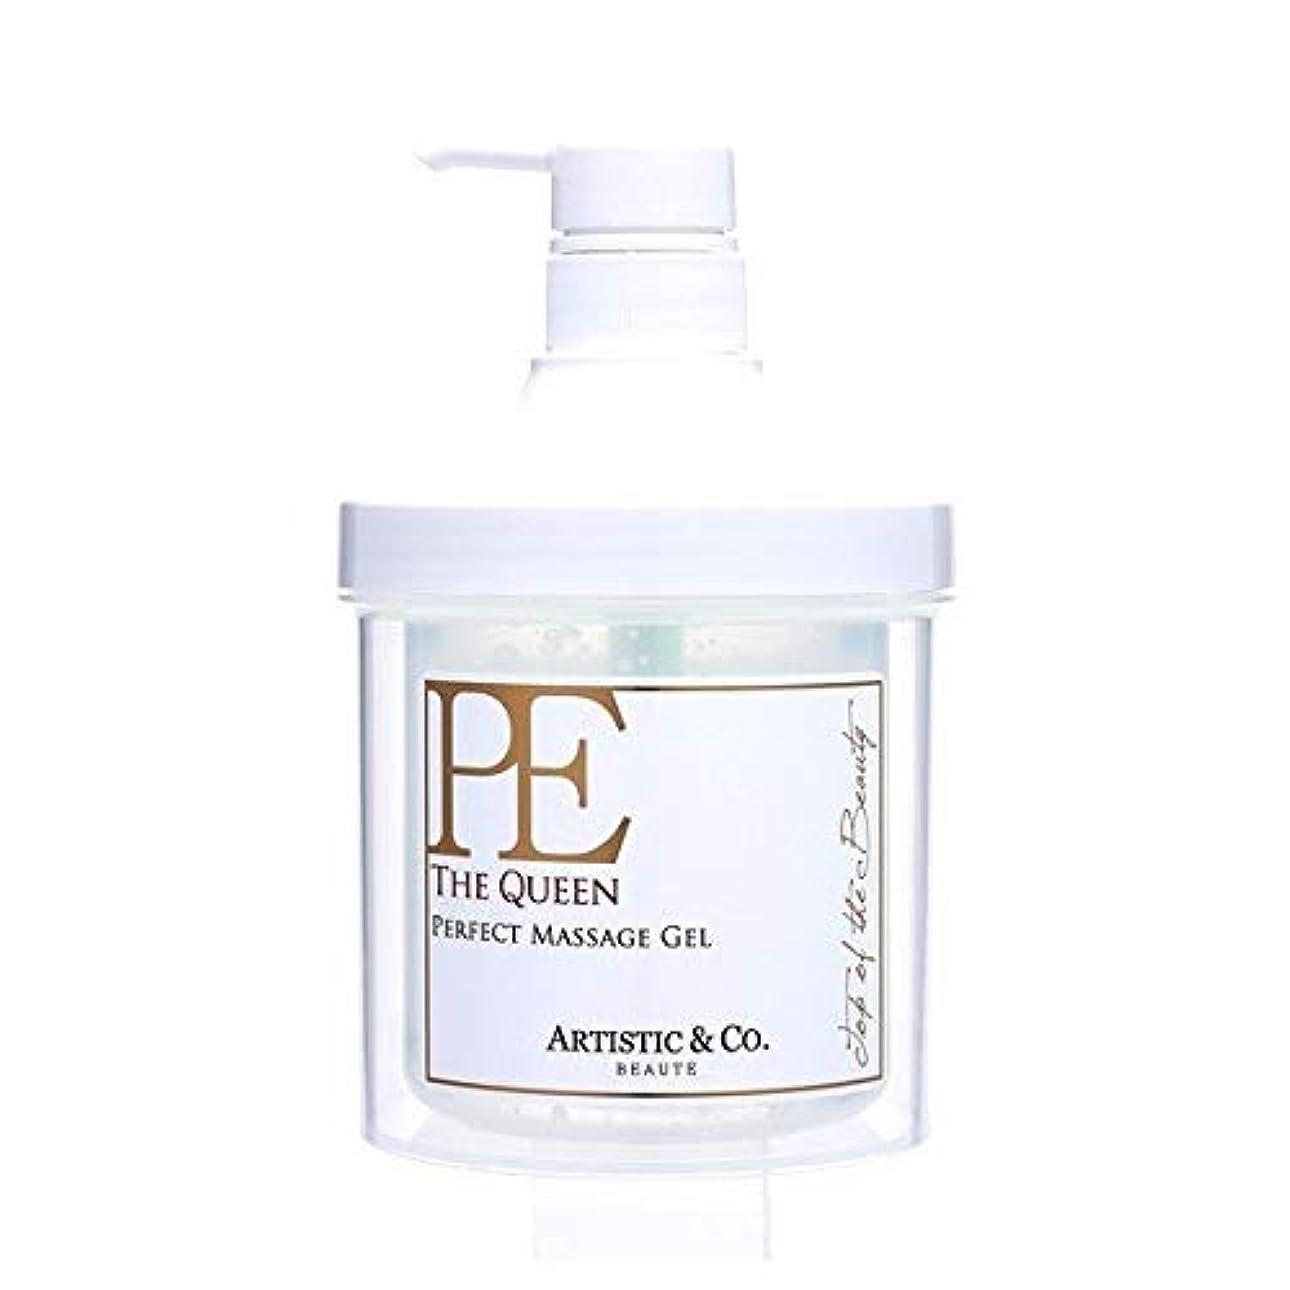 Dr. Arrivo(アリーヴォ)シリーズ専用美容液 PE THE QUEEN PERFECT MASSAGE GEL P.Eザクイーン パーフェクト マッサージジェル 500g